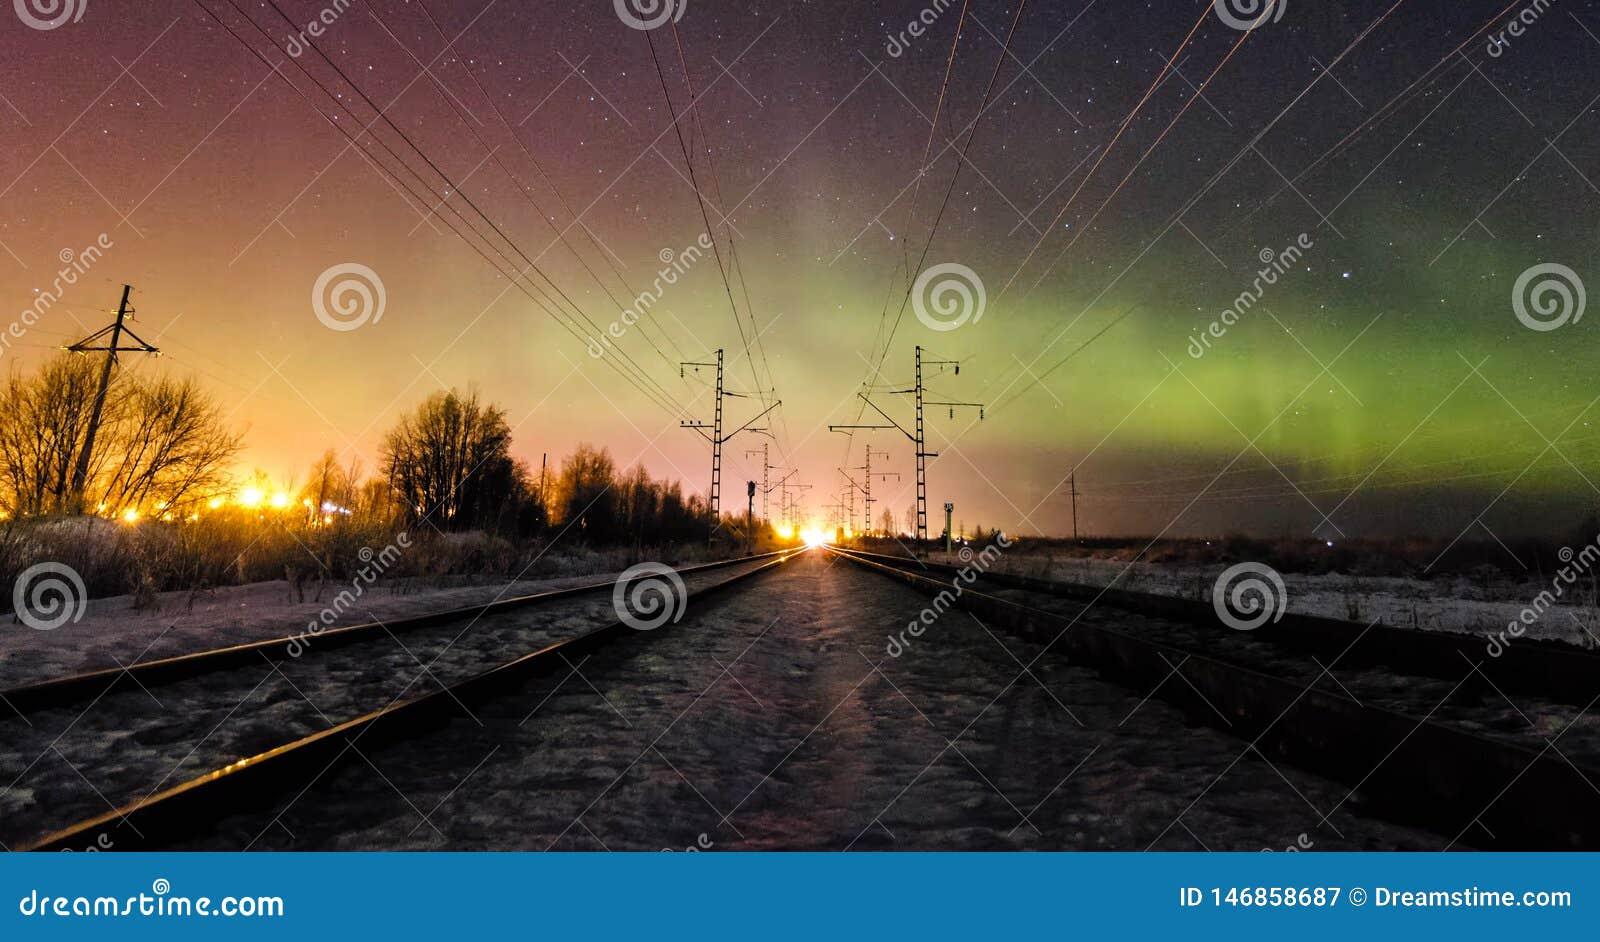 ?berraschende Beschaffenheit von Karelien, Fotos des Sonnenaufgangs und des Sonnenuntergangs, Nordlichter